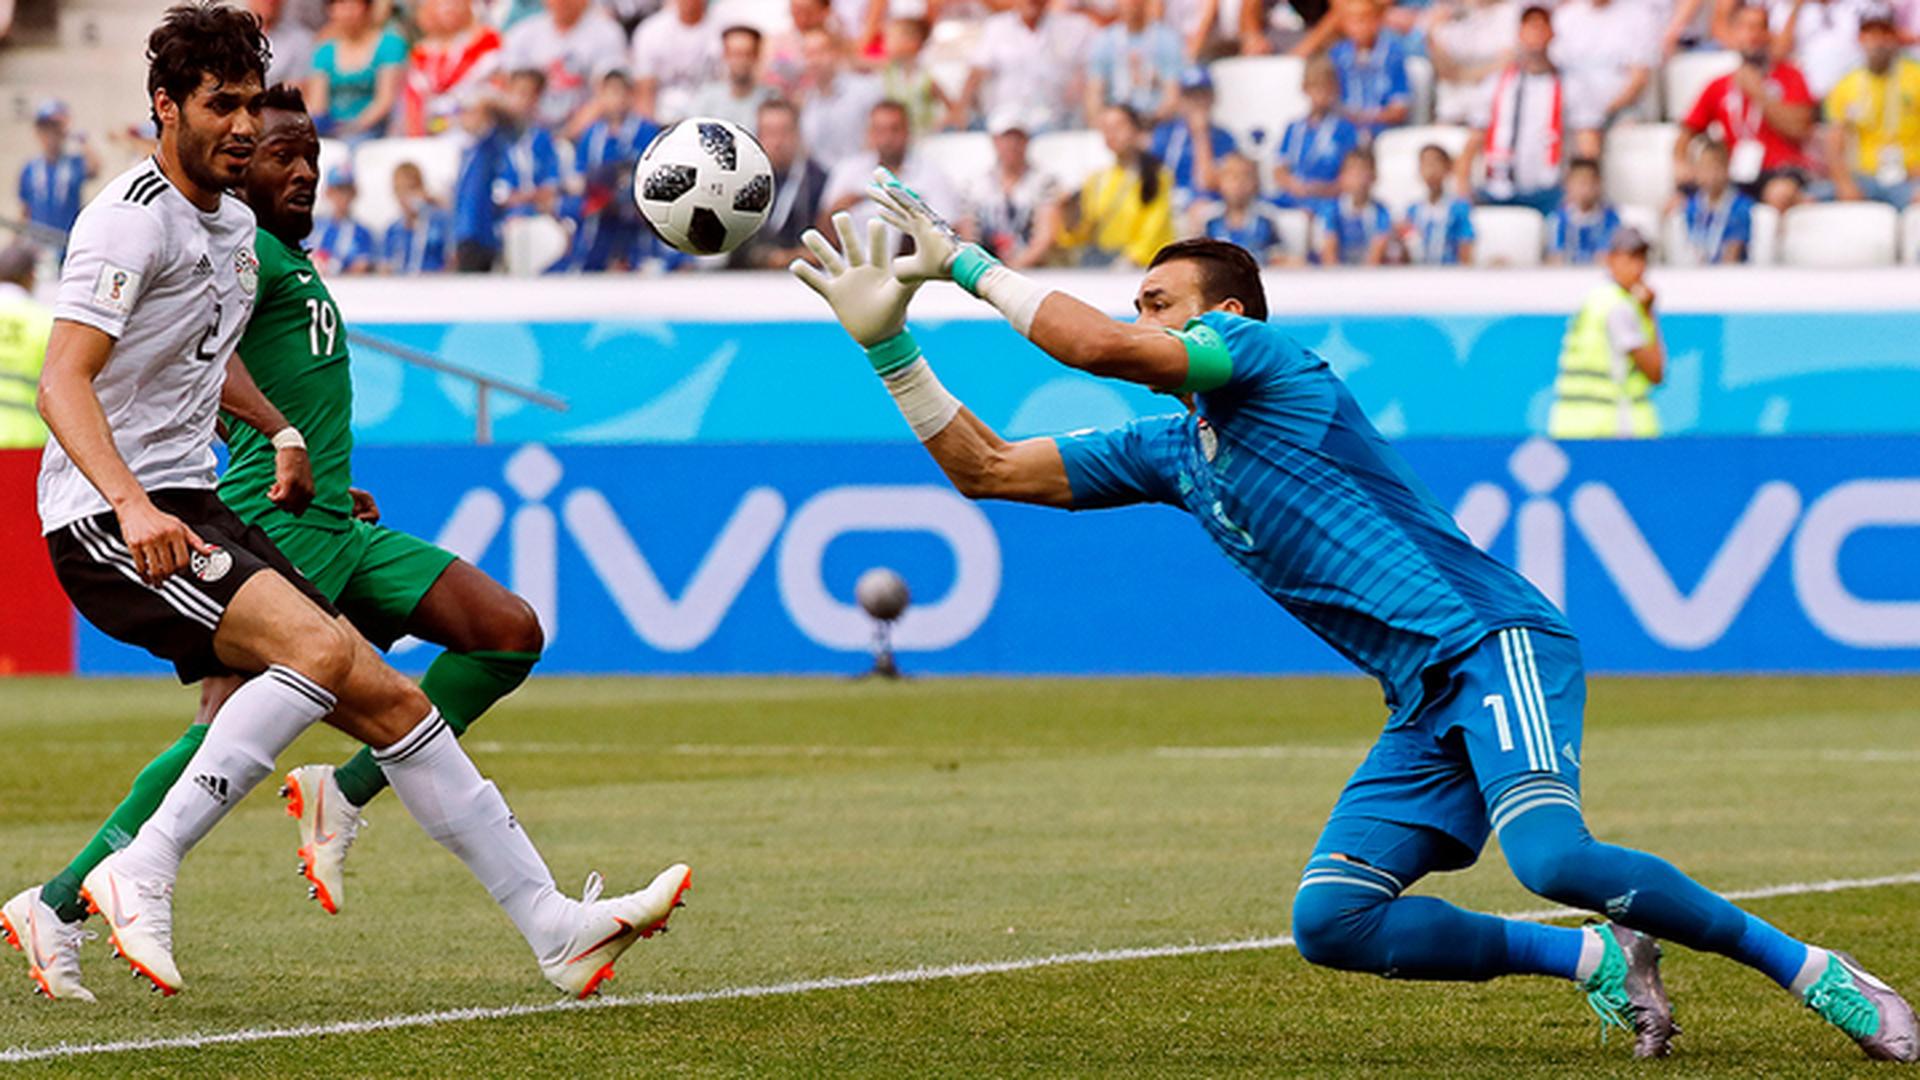 Сборная Саудовской Аравии обыграла Египет со счетом 2:1